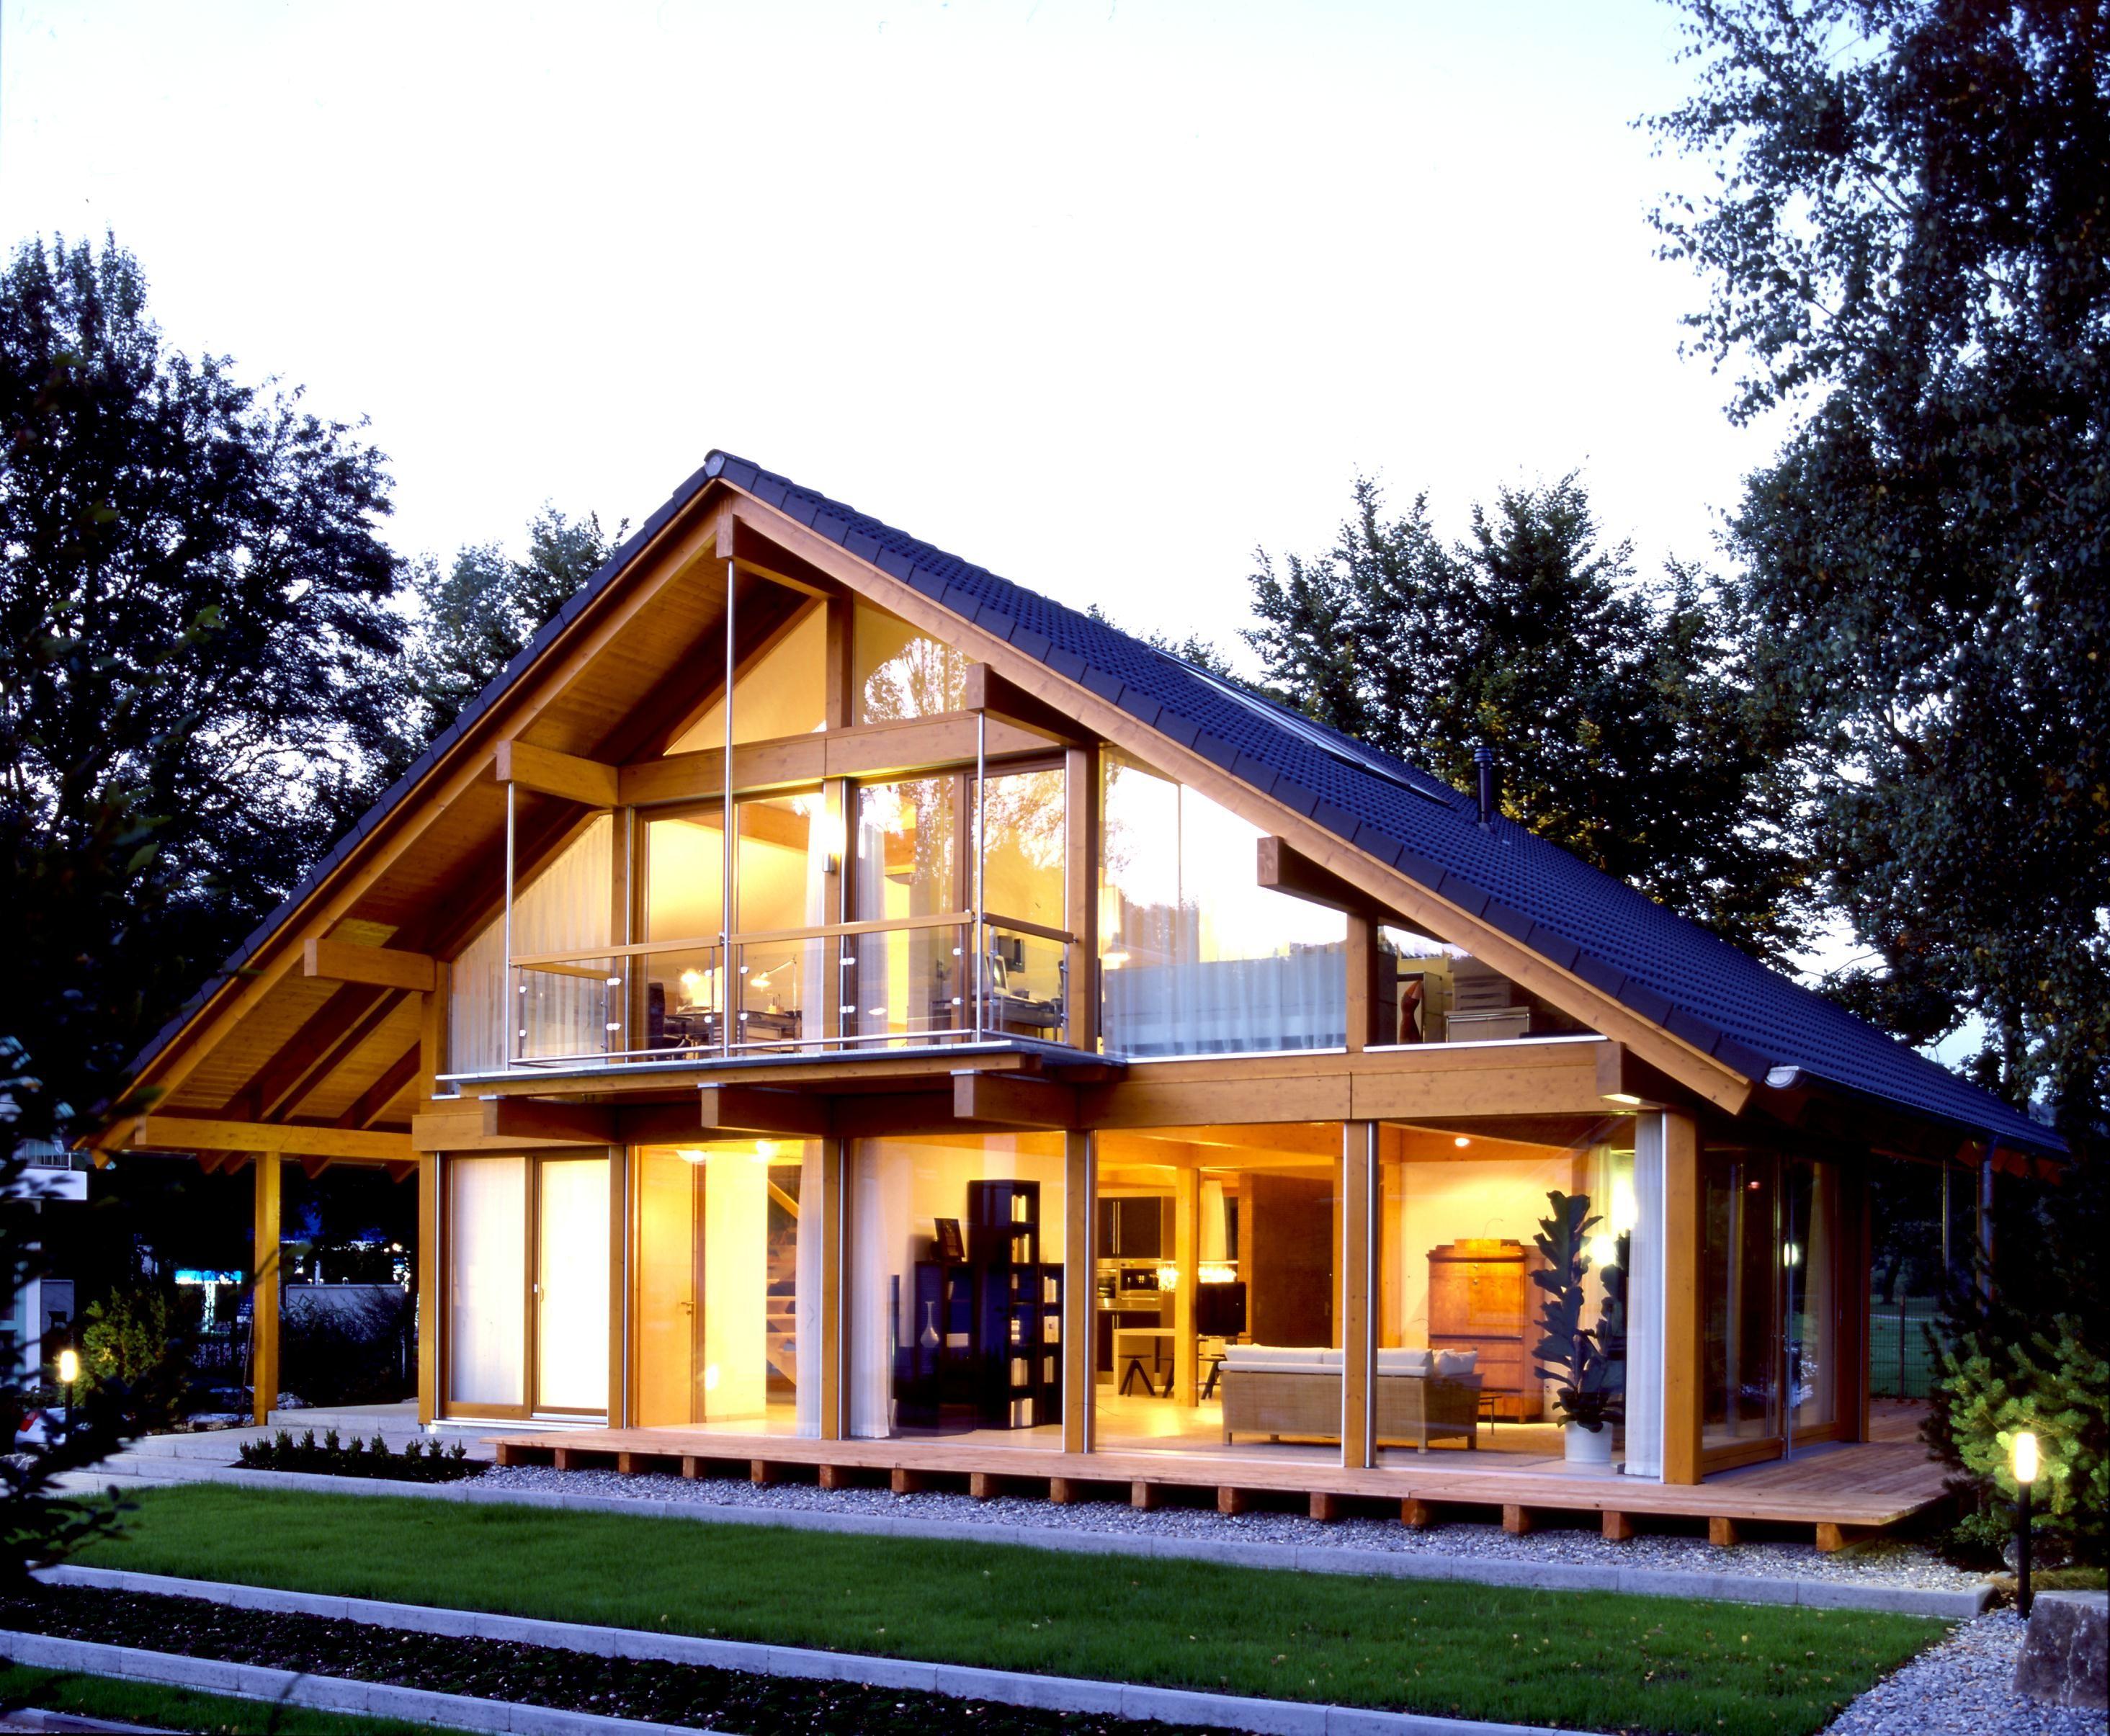 Casas Lindas 26 Fotos Inspiradoras Fachadas de casas